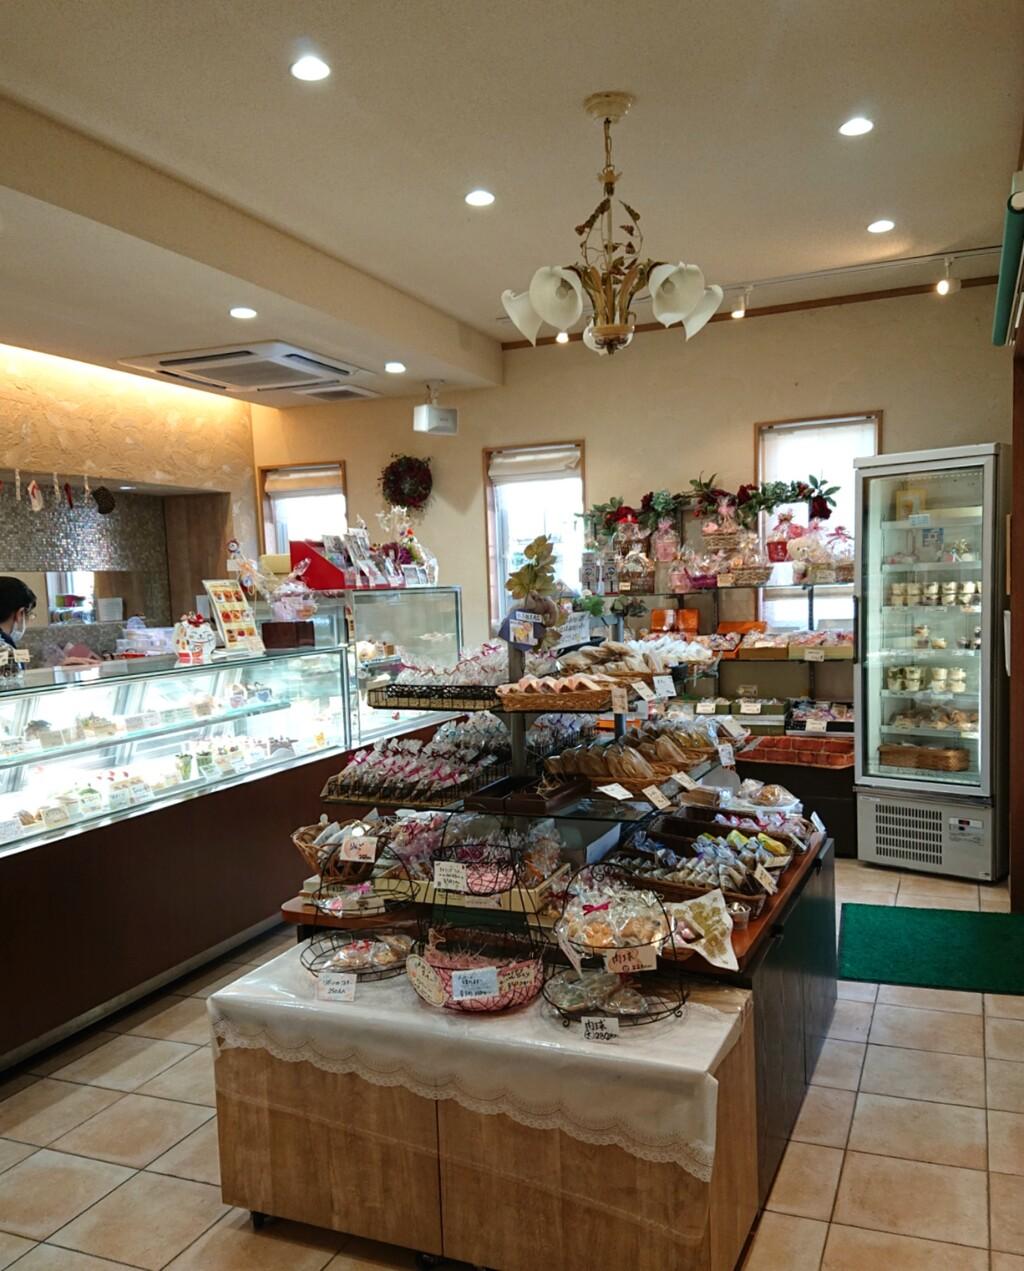 マロニエ 洋菓子 店